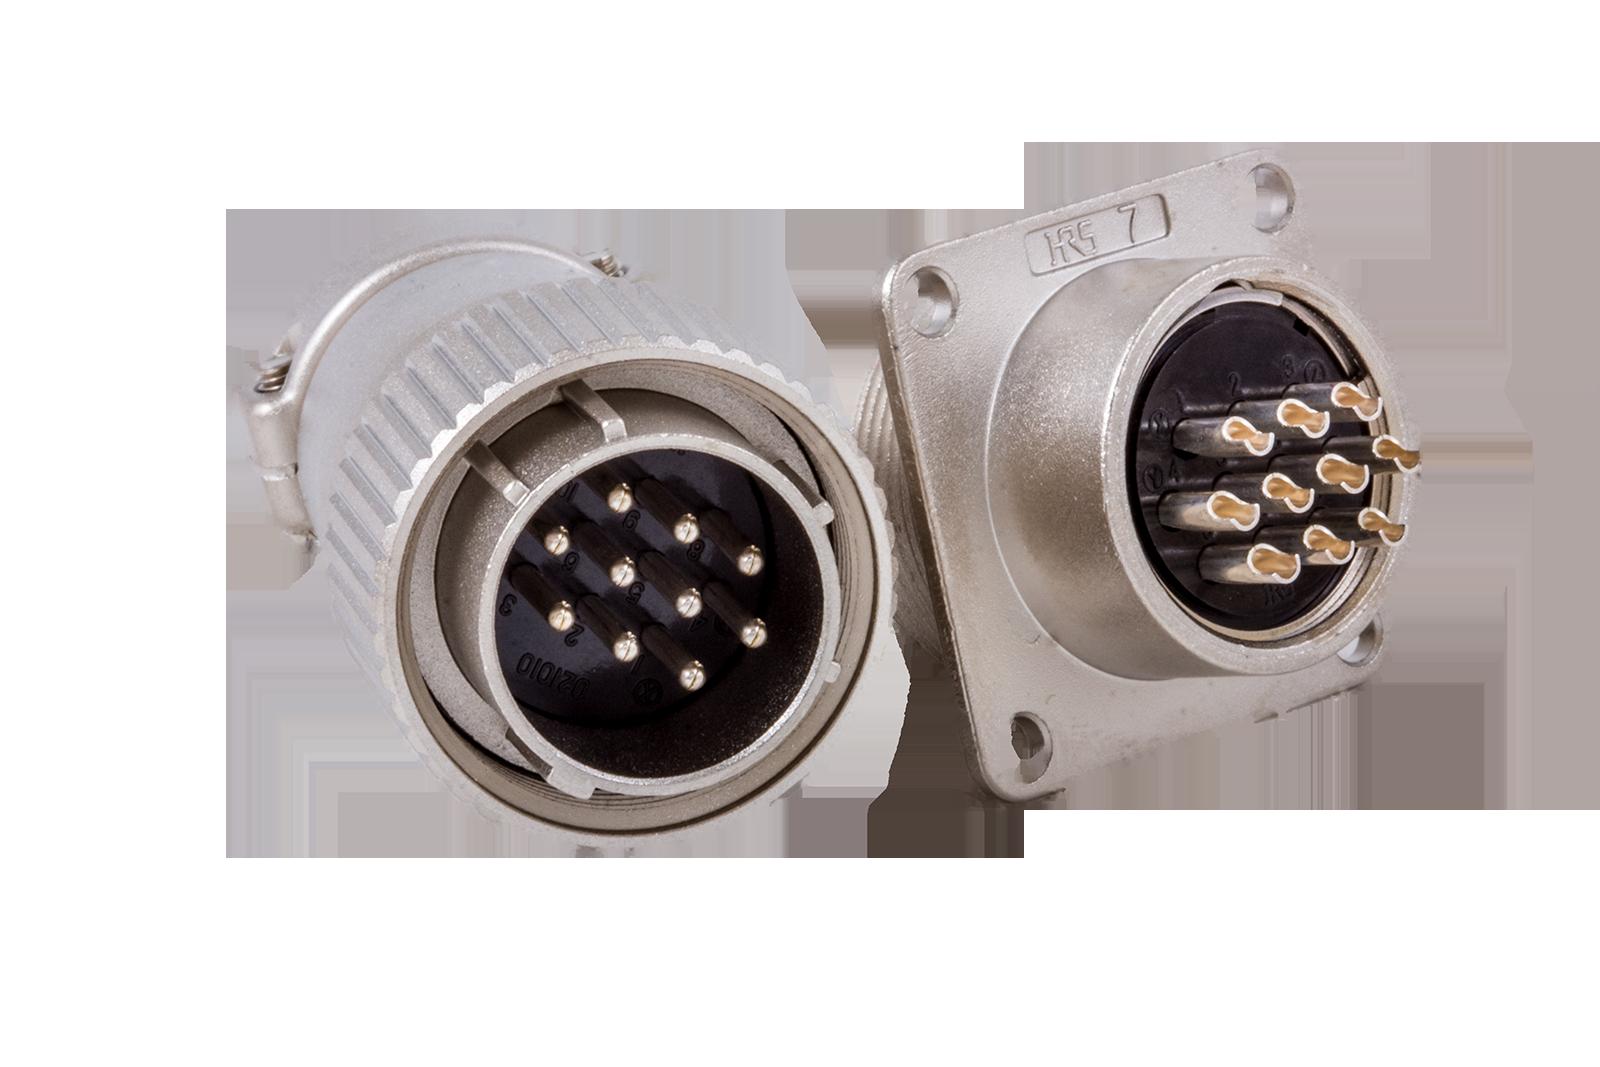 Optic fiber connectors